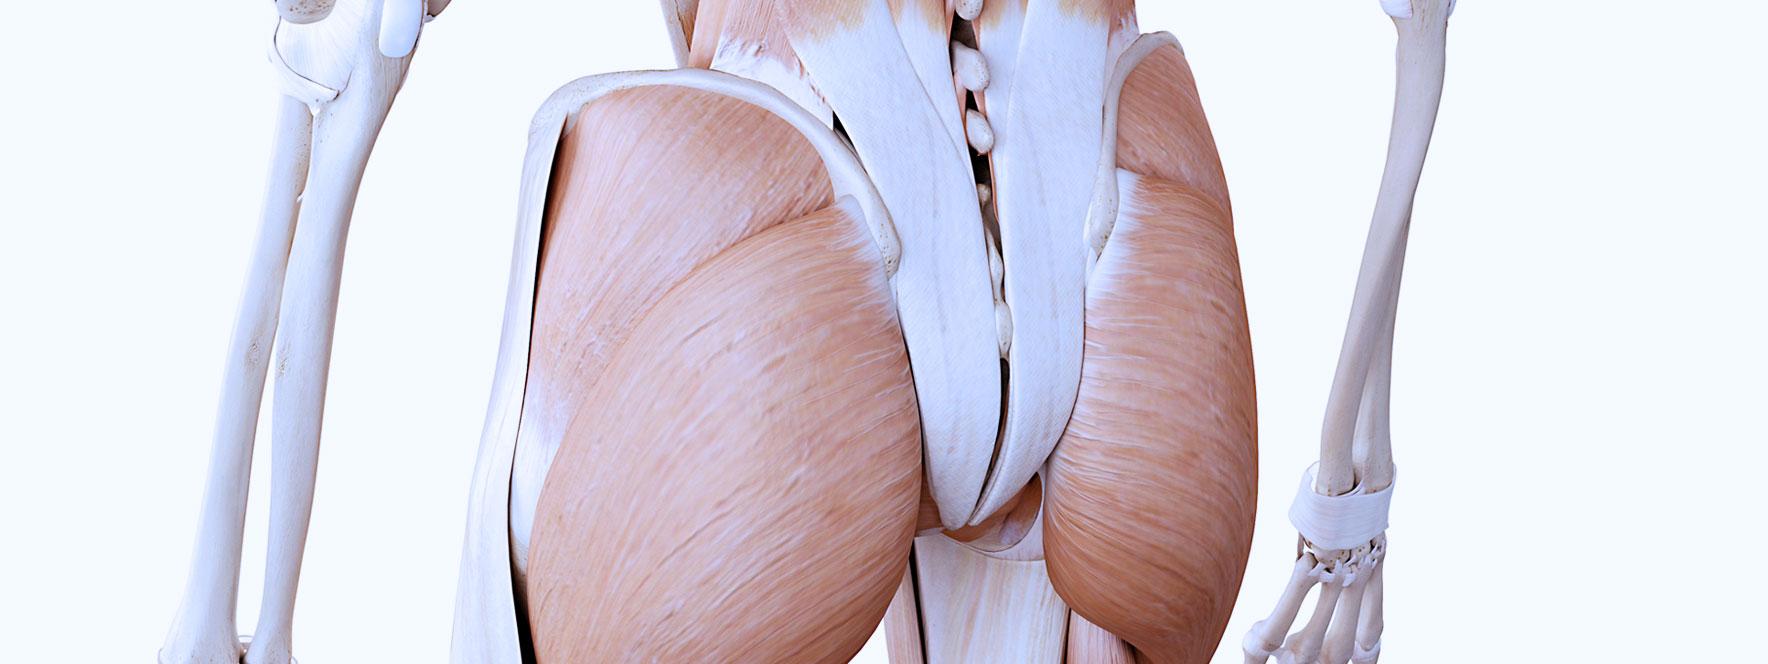 Les générateurs de douleur sacro-iliaque - Blogue du Réseau